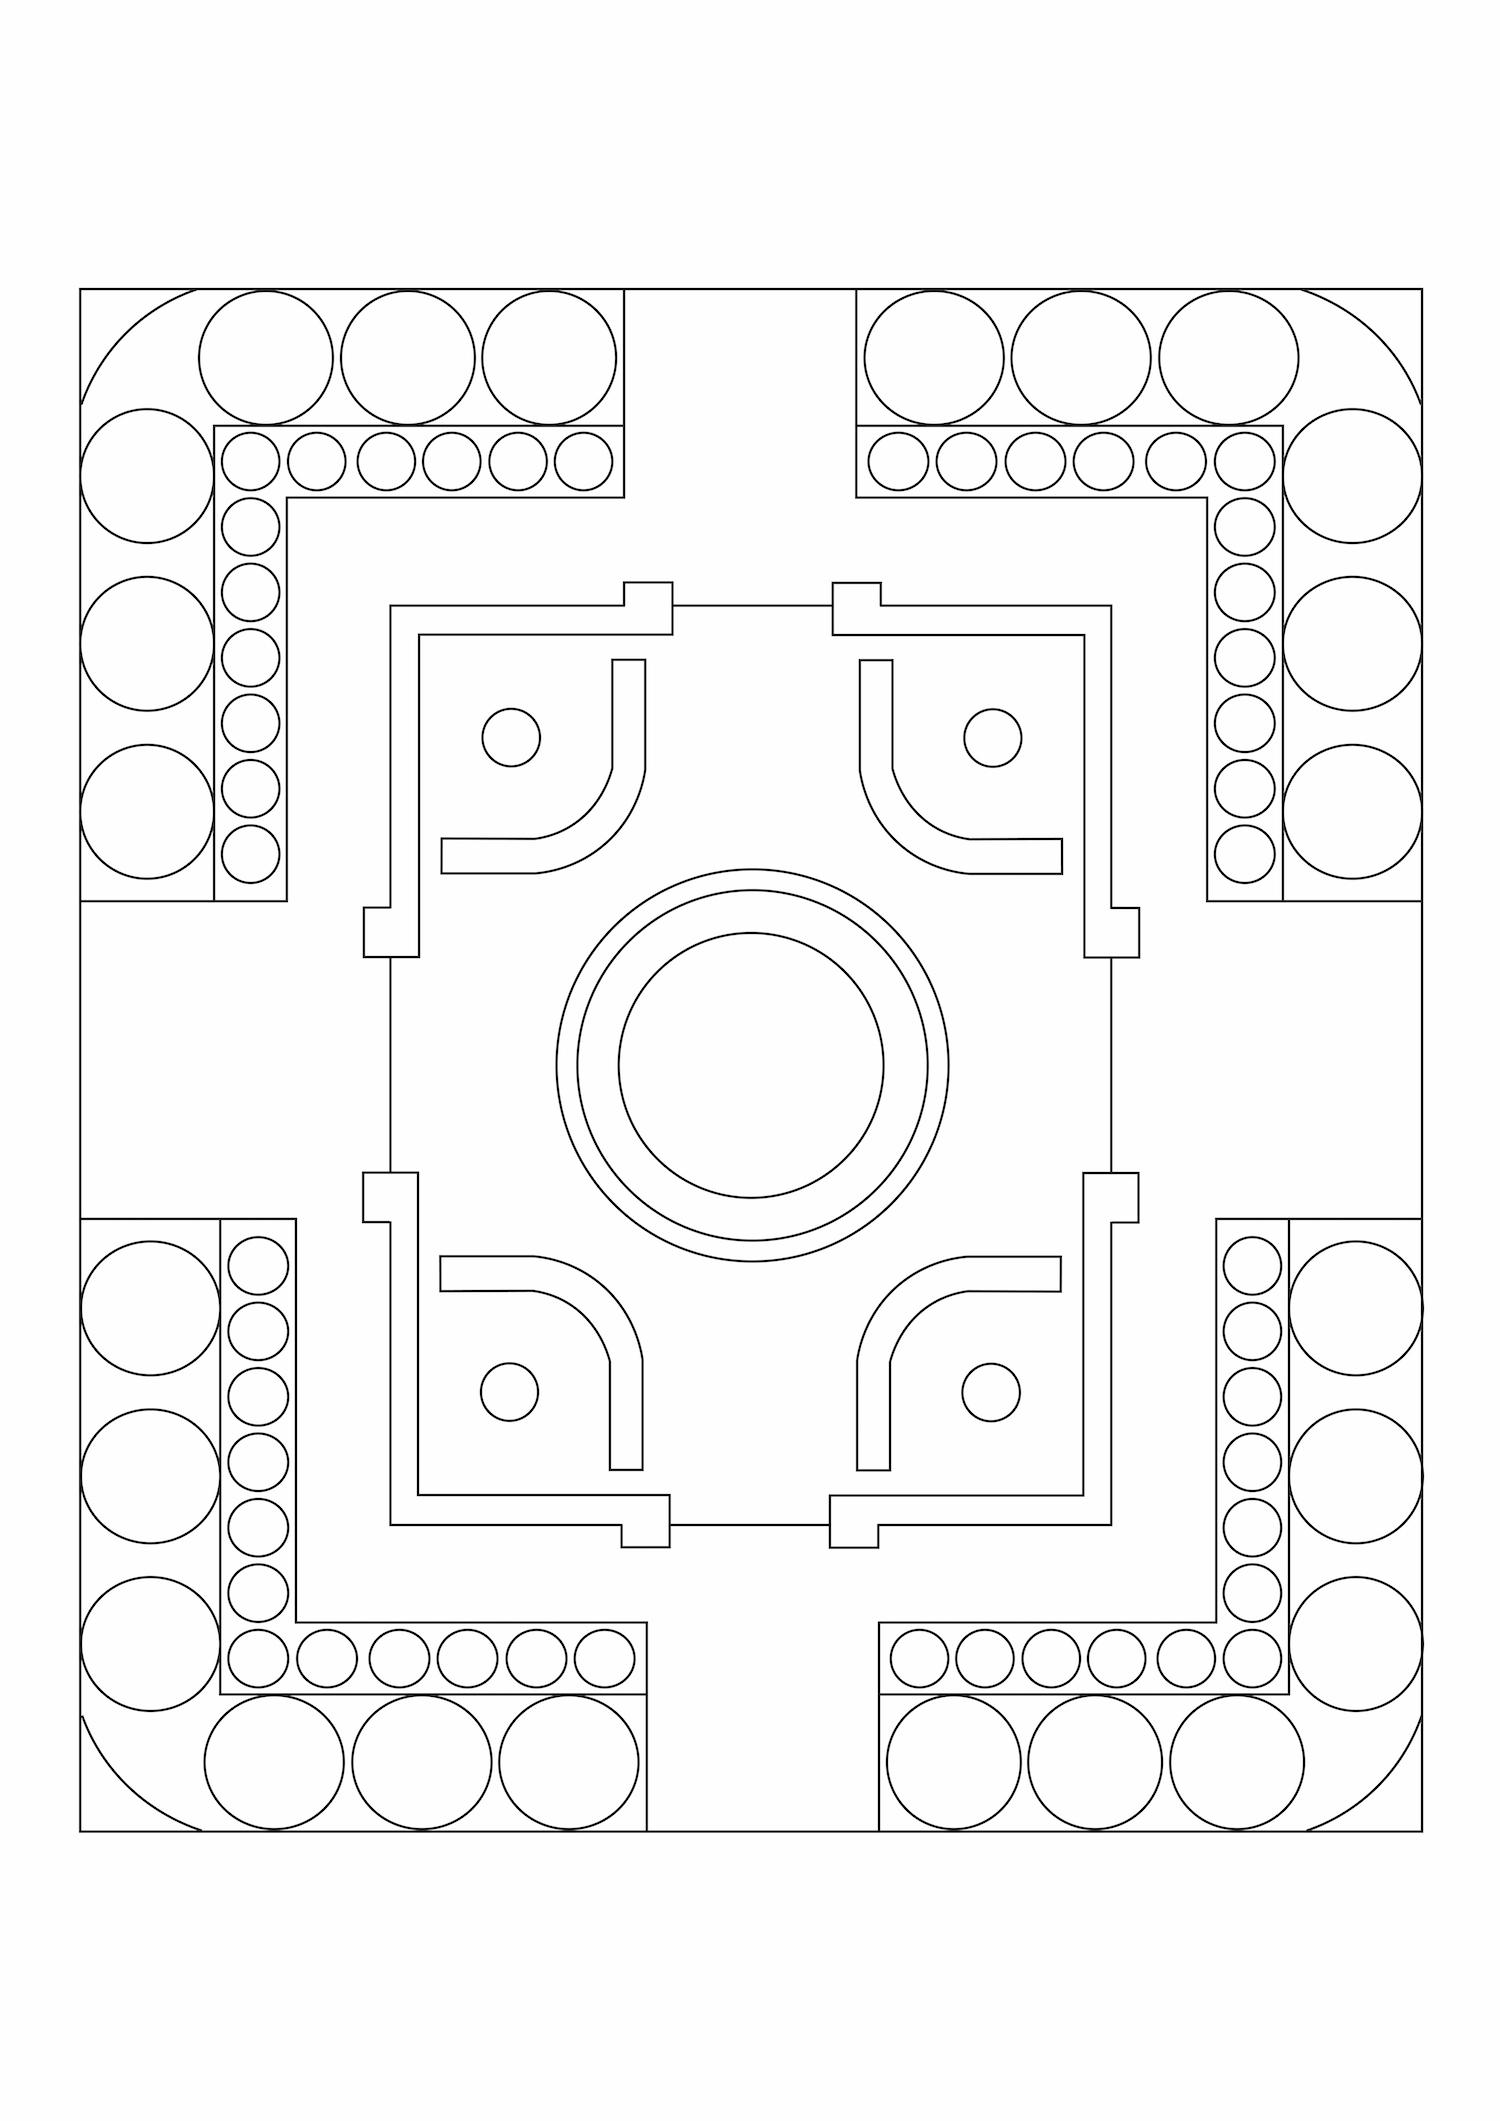 34_Zeichenfläche 1.jpg